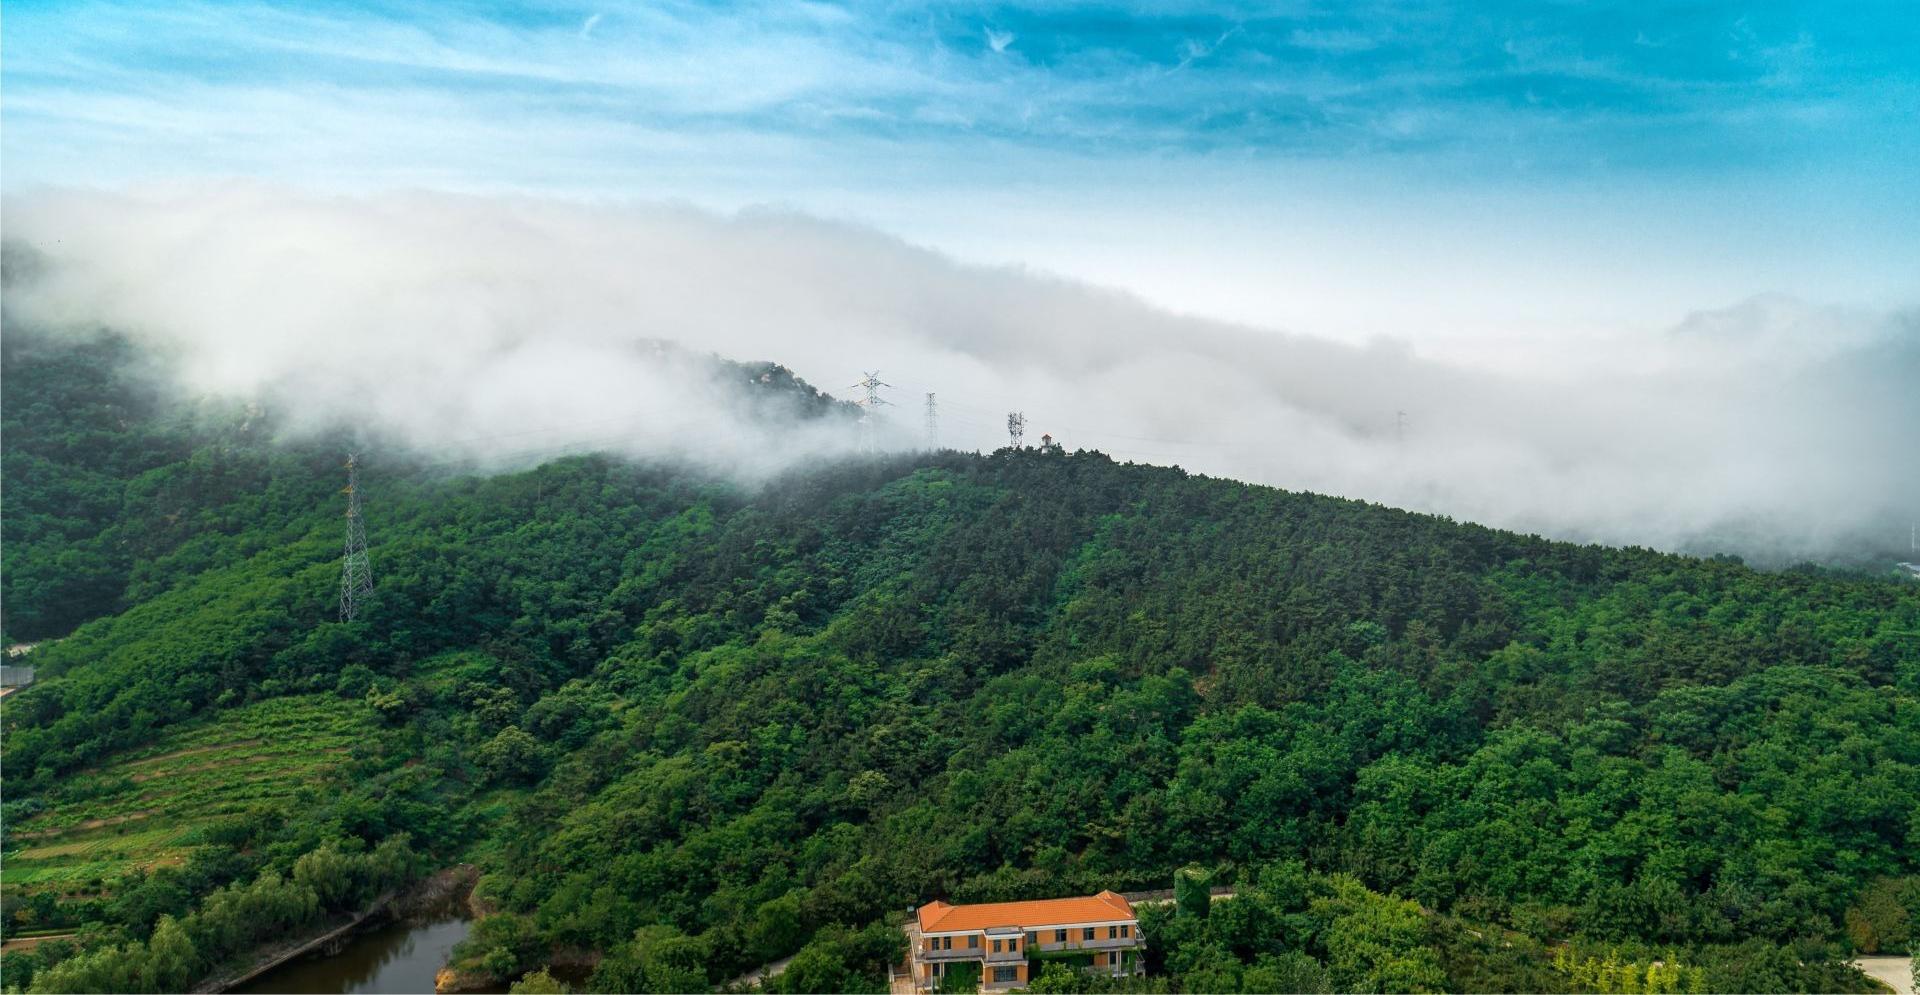 """海雾来袭,浮山再现""""盖帽""""景观犹如仙境"""